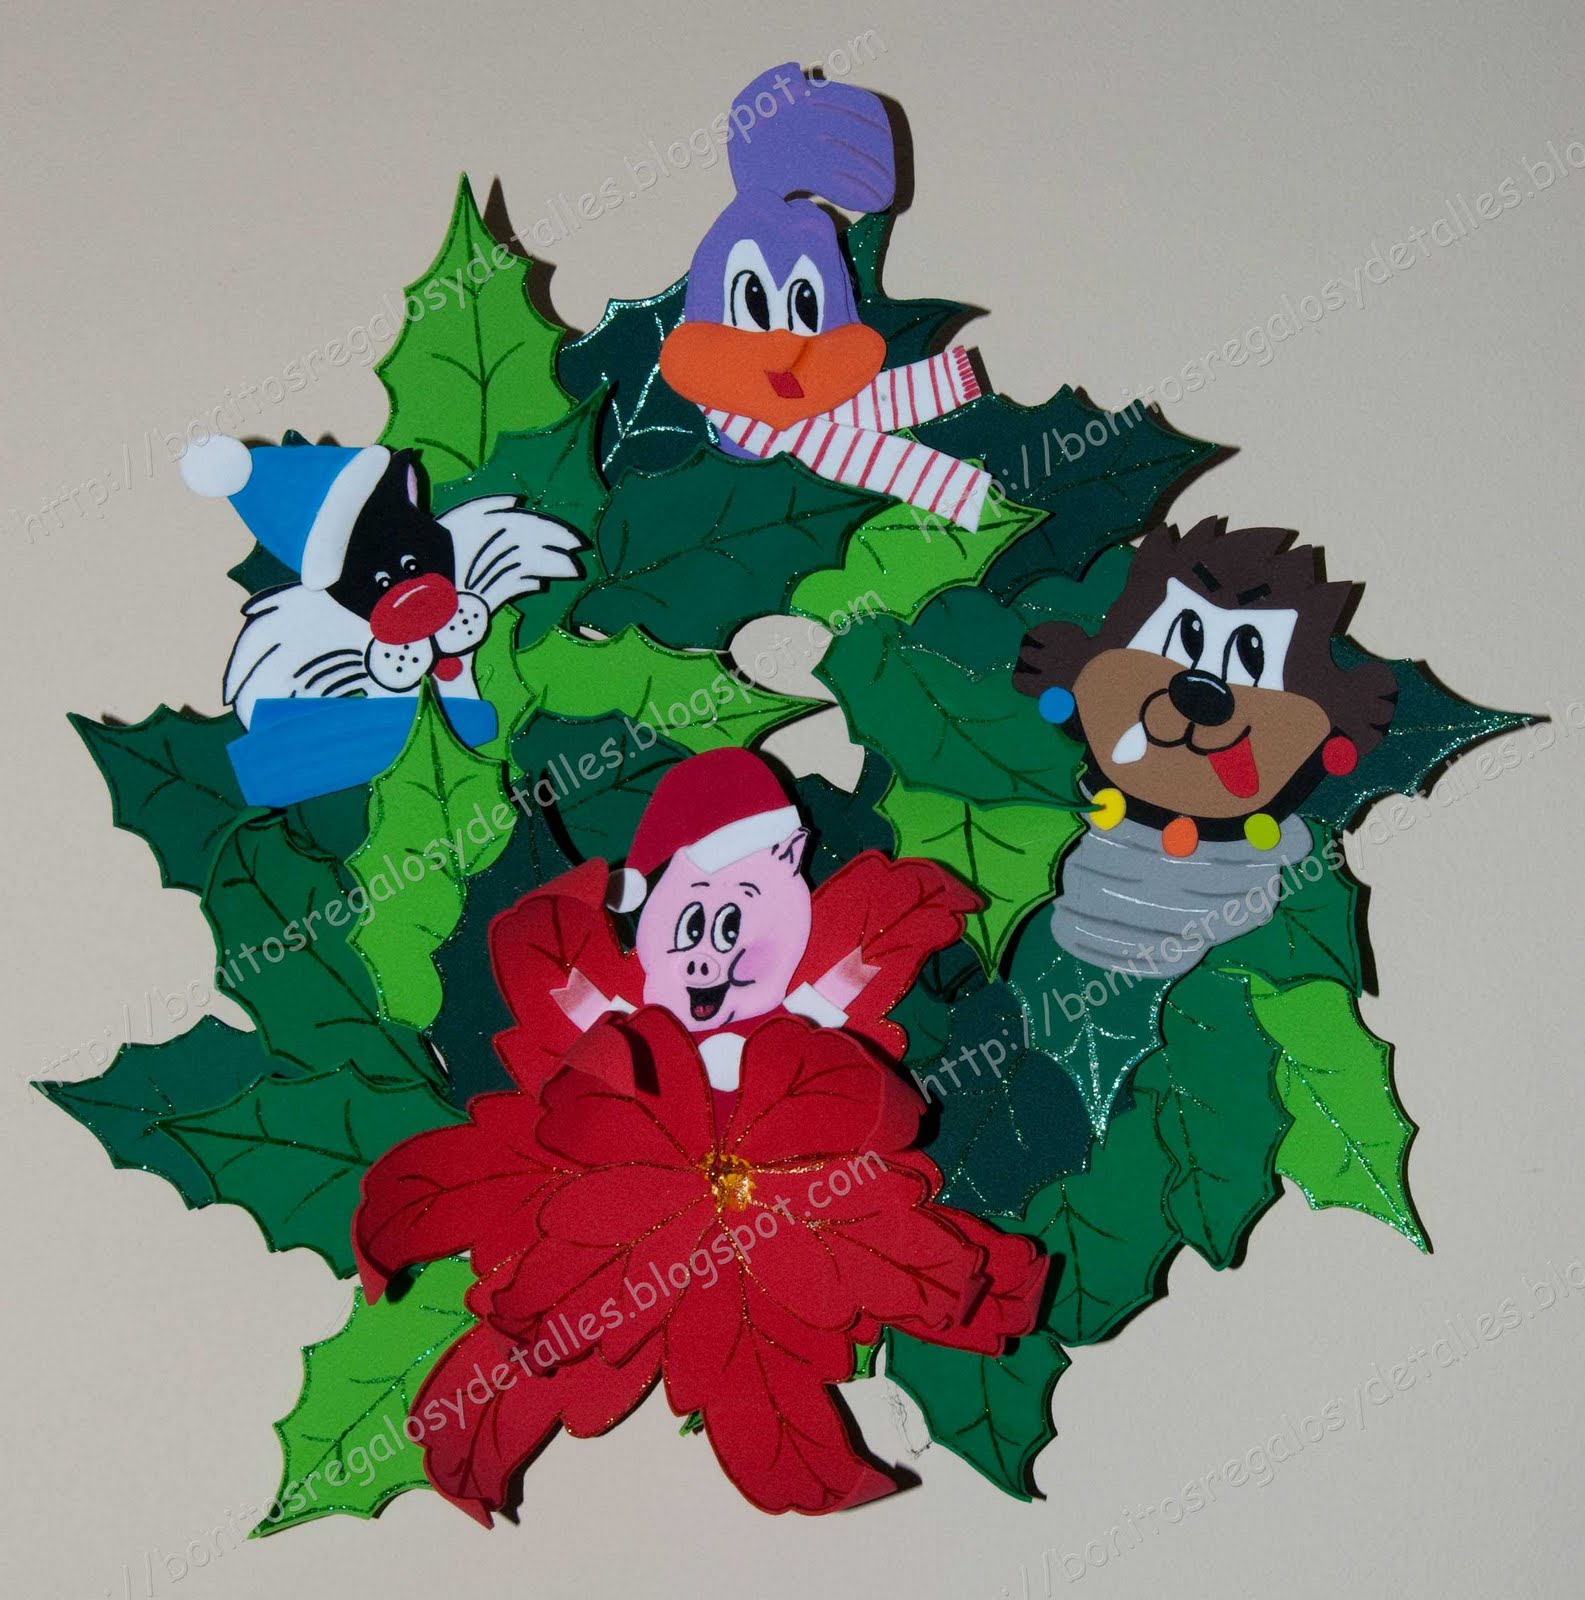 Bonitos regalos y detalles adorno navidad puerta - Adorno puerta navidad ...